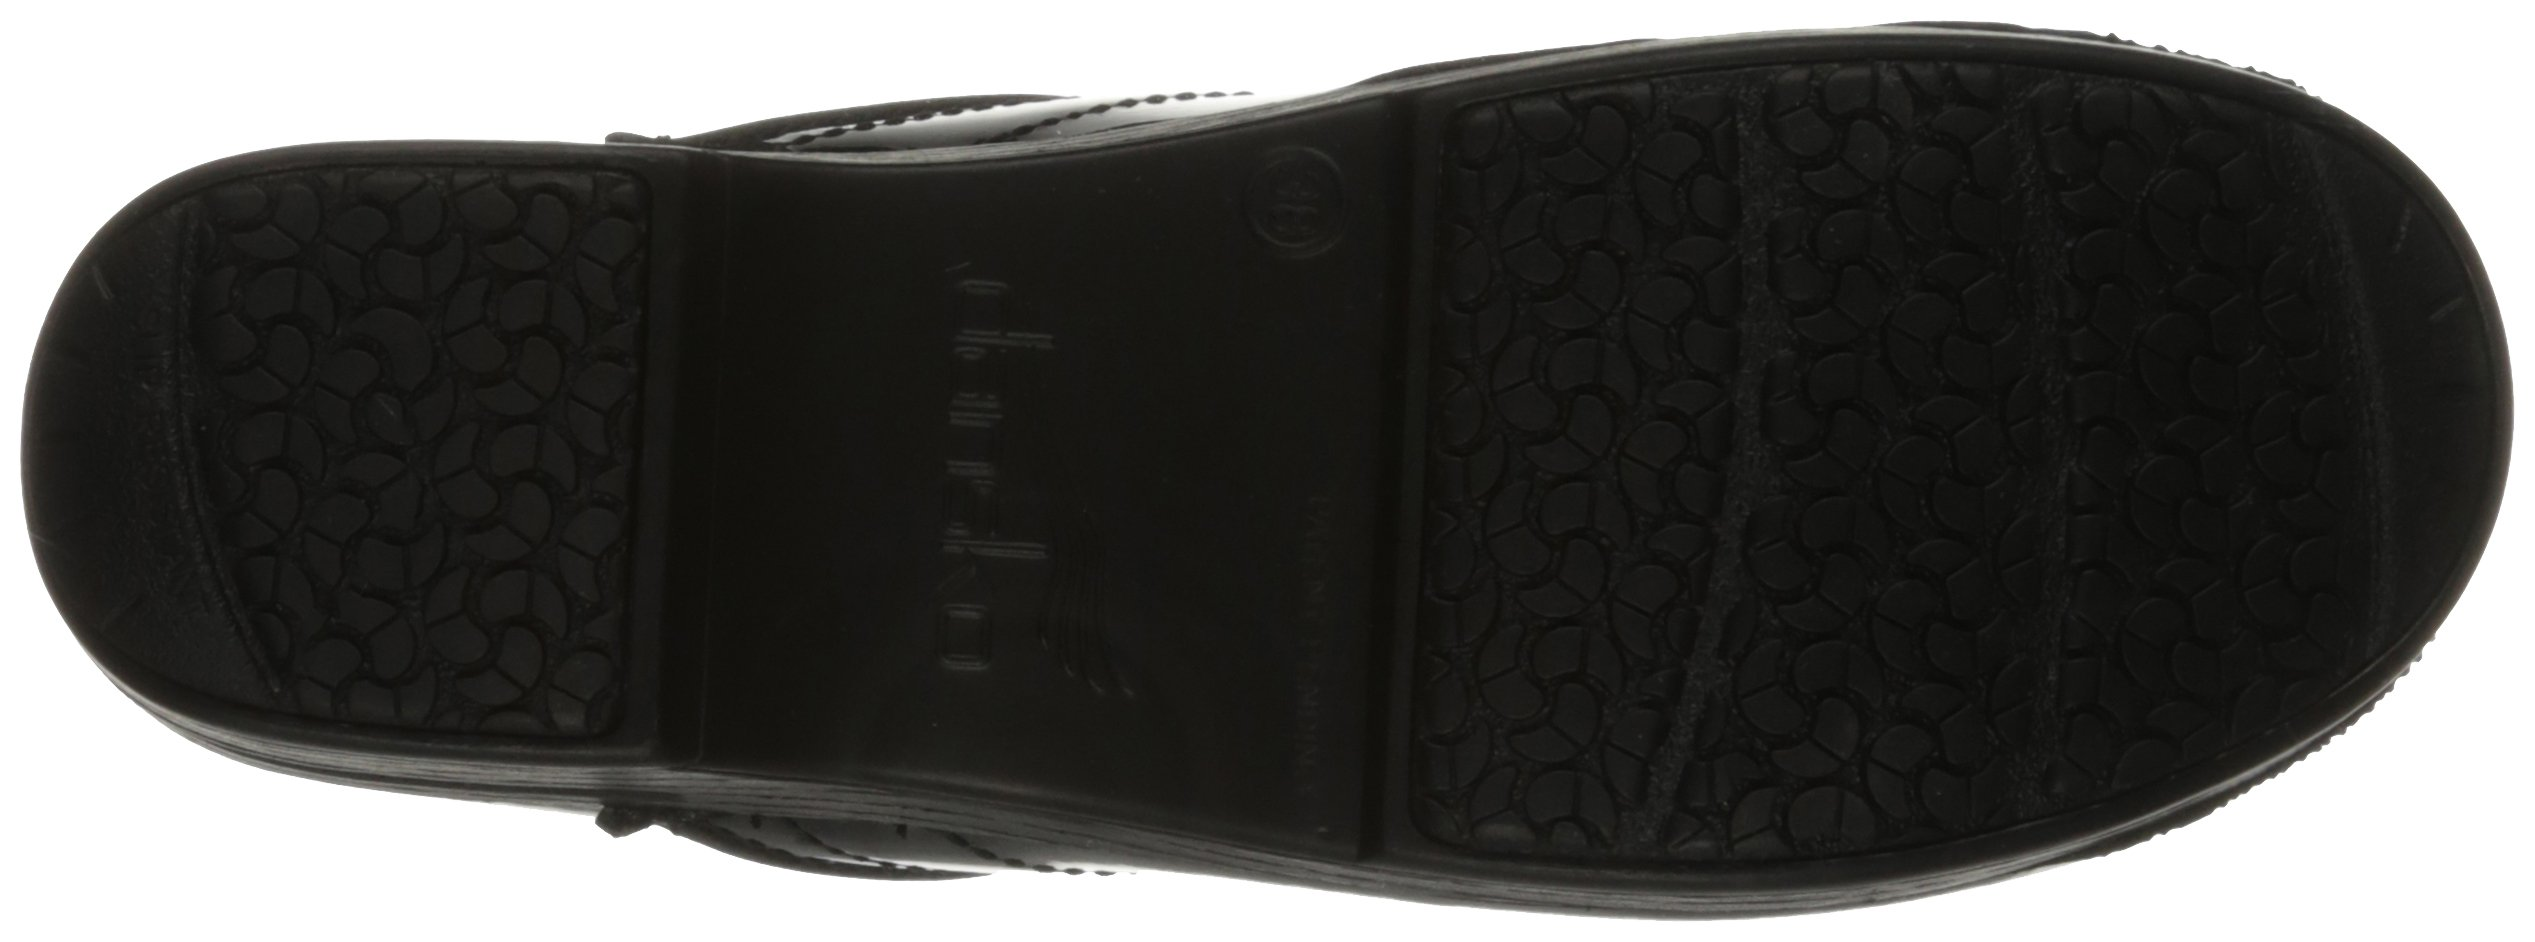 Dansko Women's Pro XP Mule,  Black Patent, 38 EU/7.5-8 M US by Dansko (Image #3)